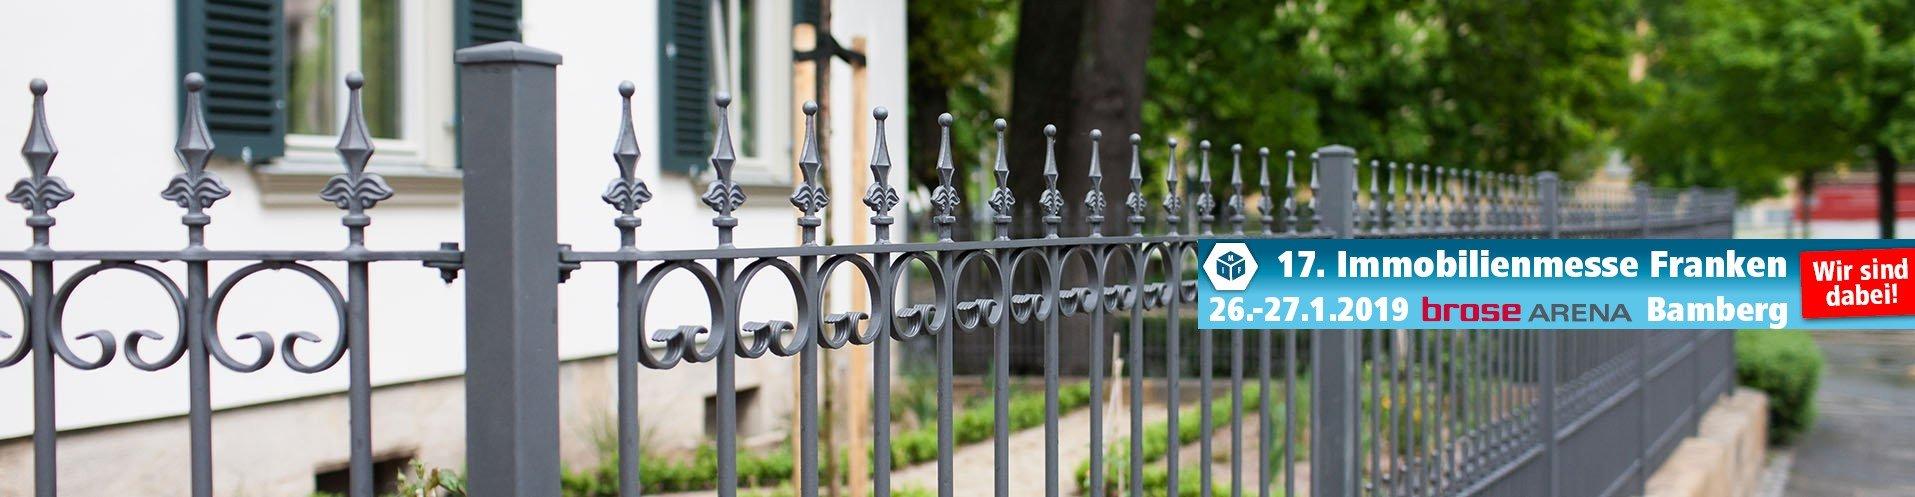 Eleo Zaun: Zäune, Tore, Geländer aus Schmiedeeisen